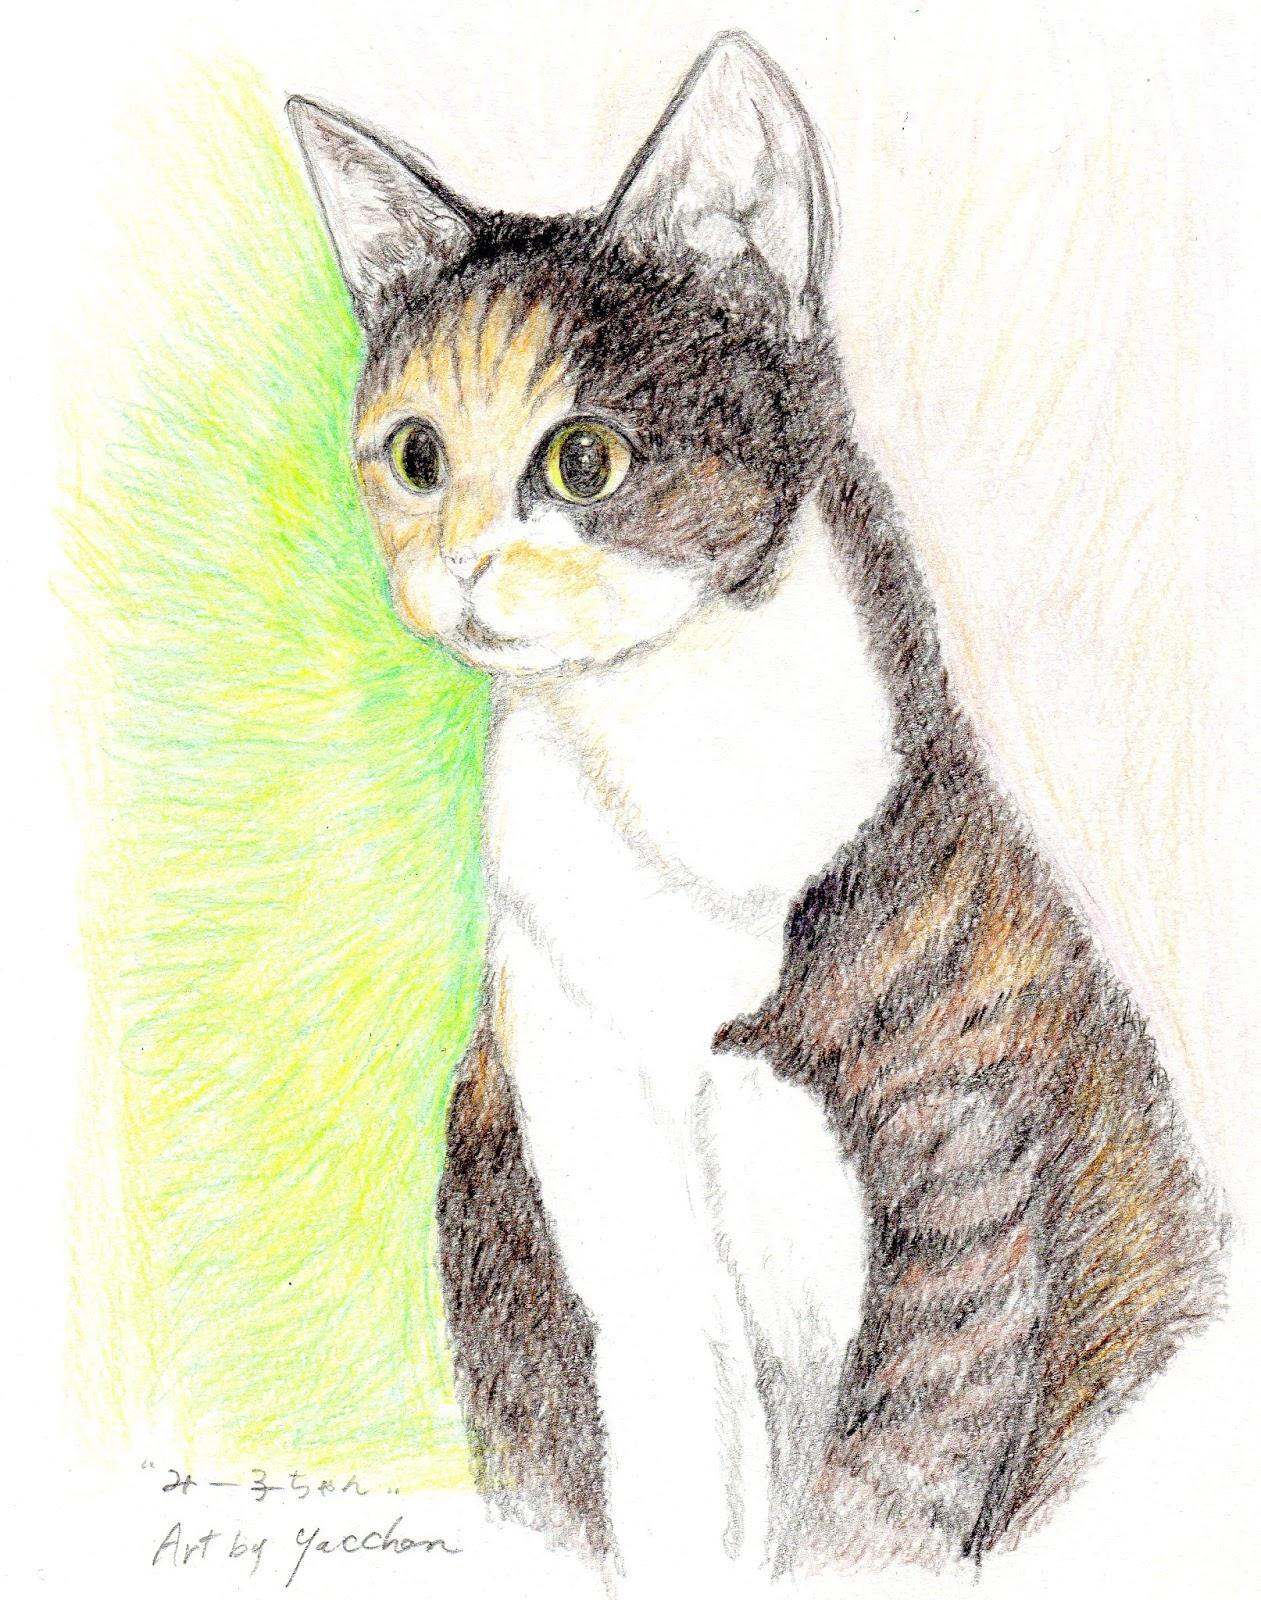 やっちゃんのネコと動物イラスト: 2017